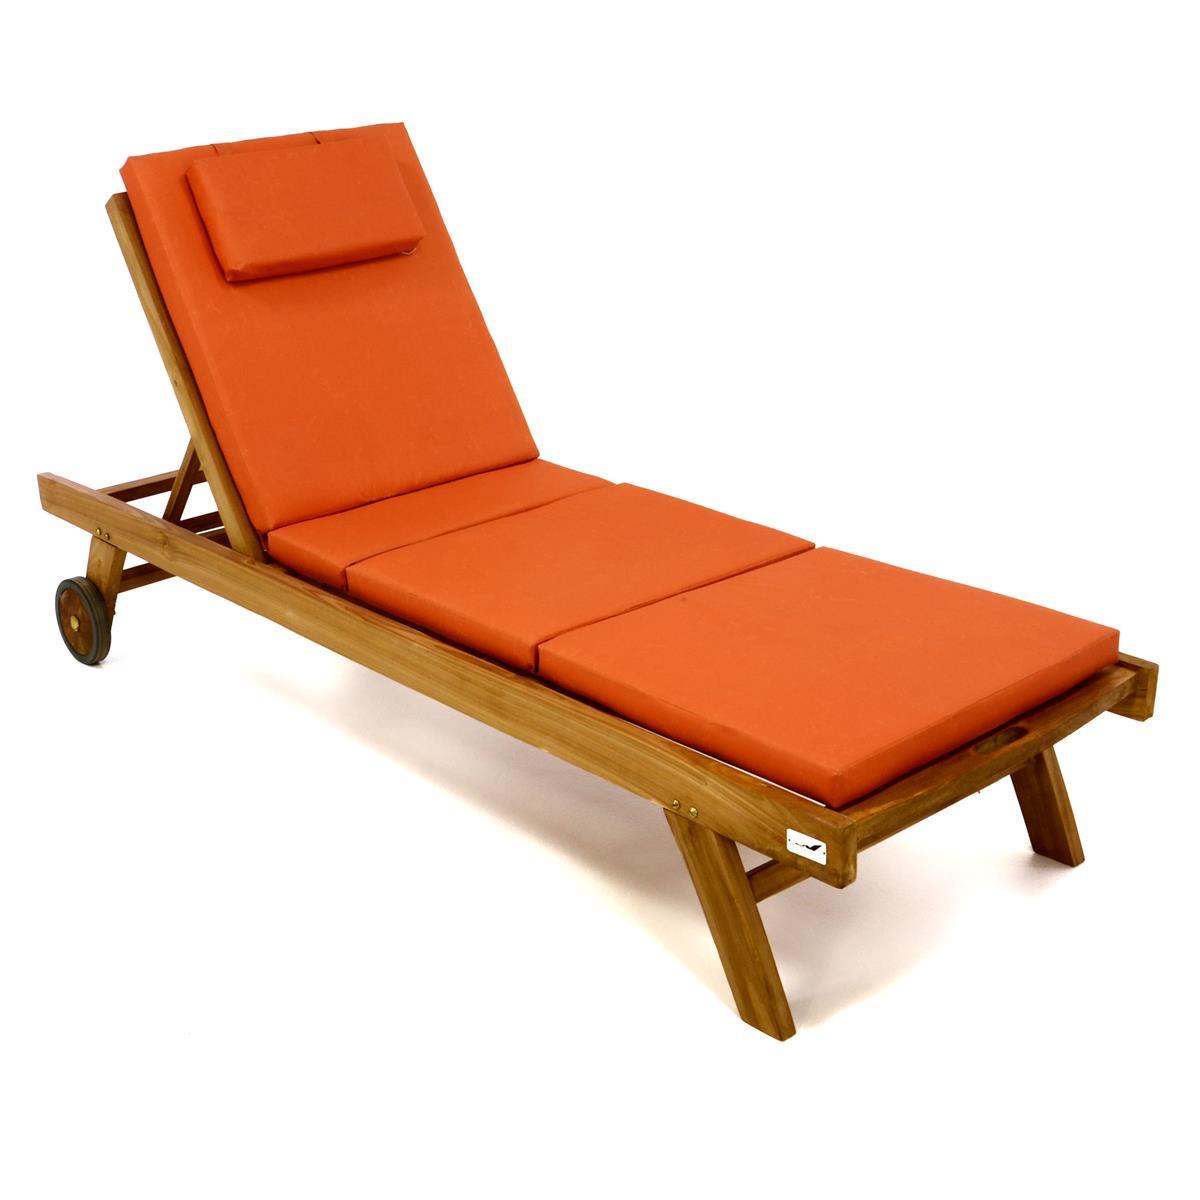 DIVERO Set Sonnenliege Gartenliege Teakholz behandelt Räder Auflage orange